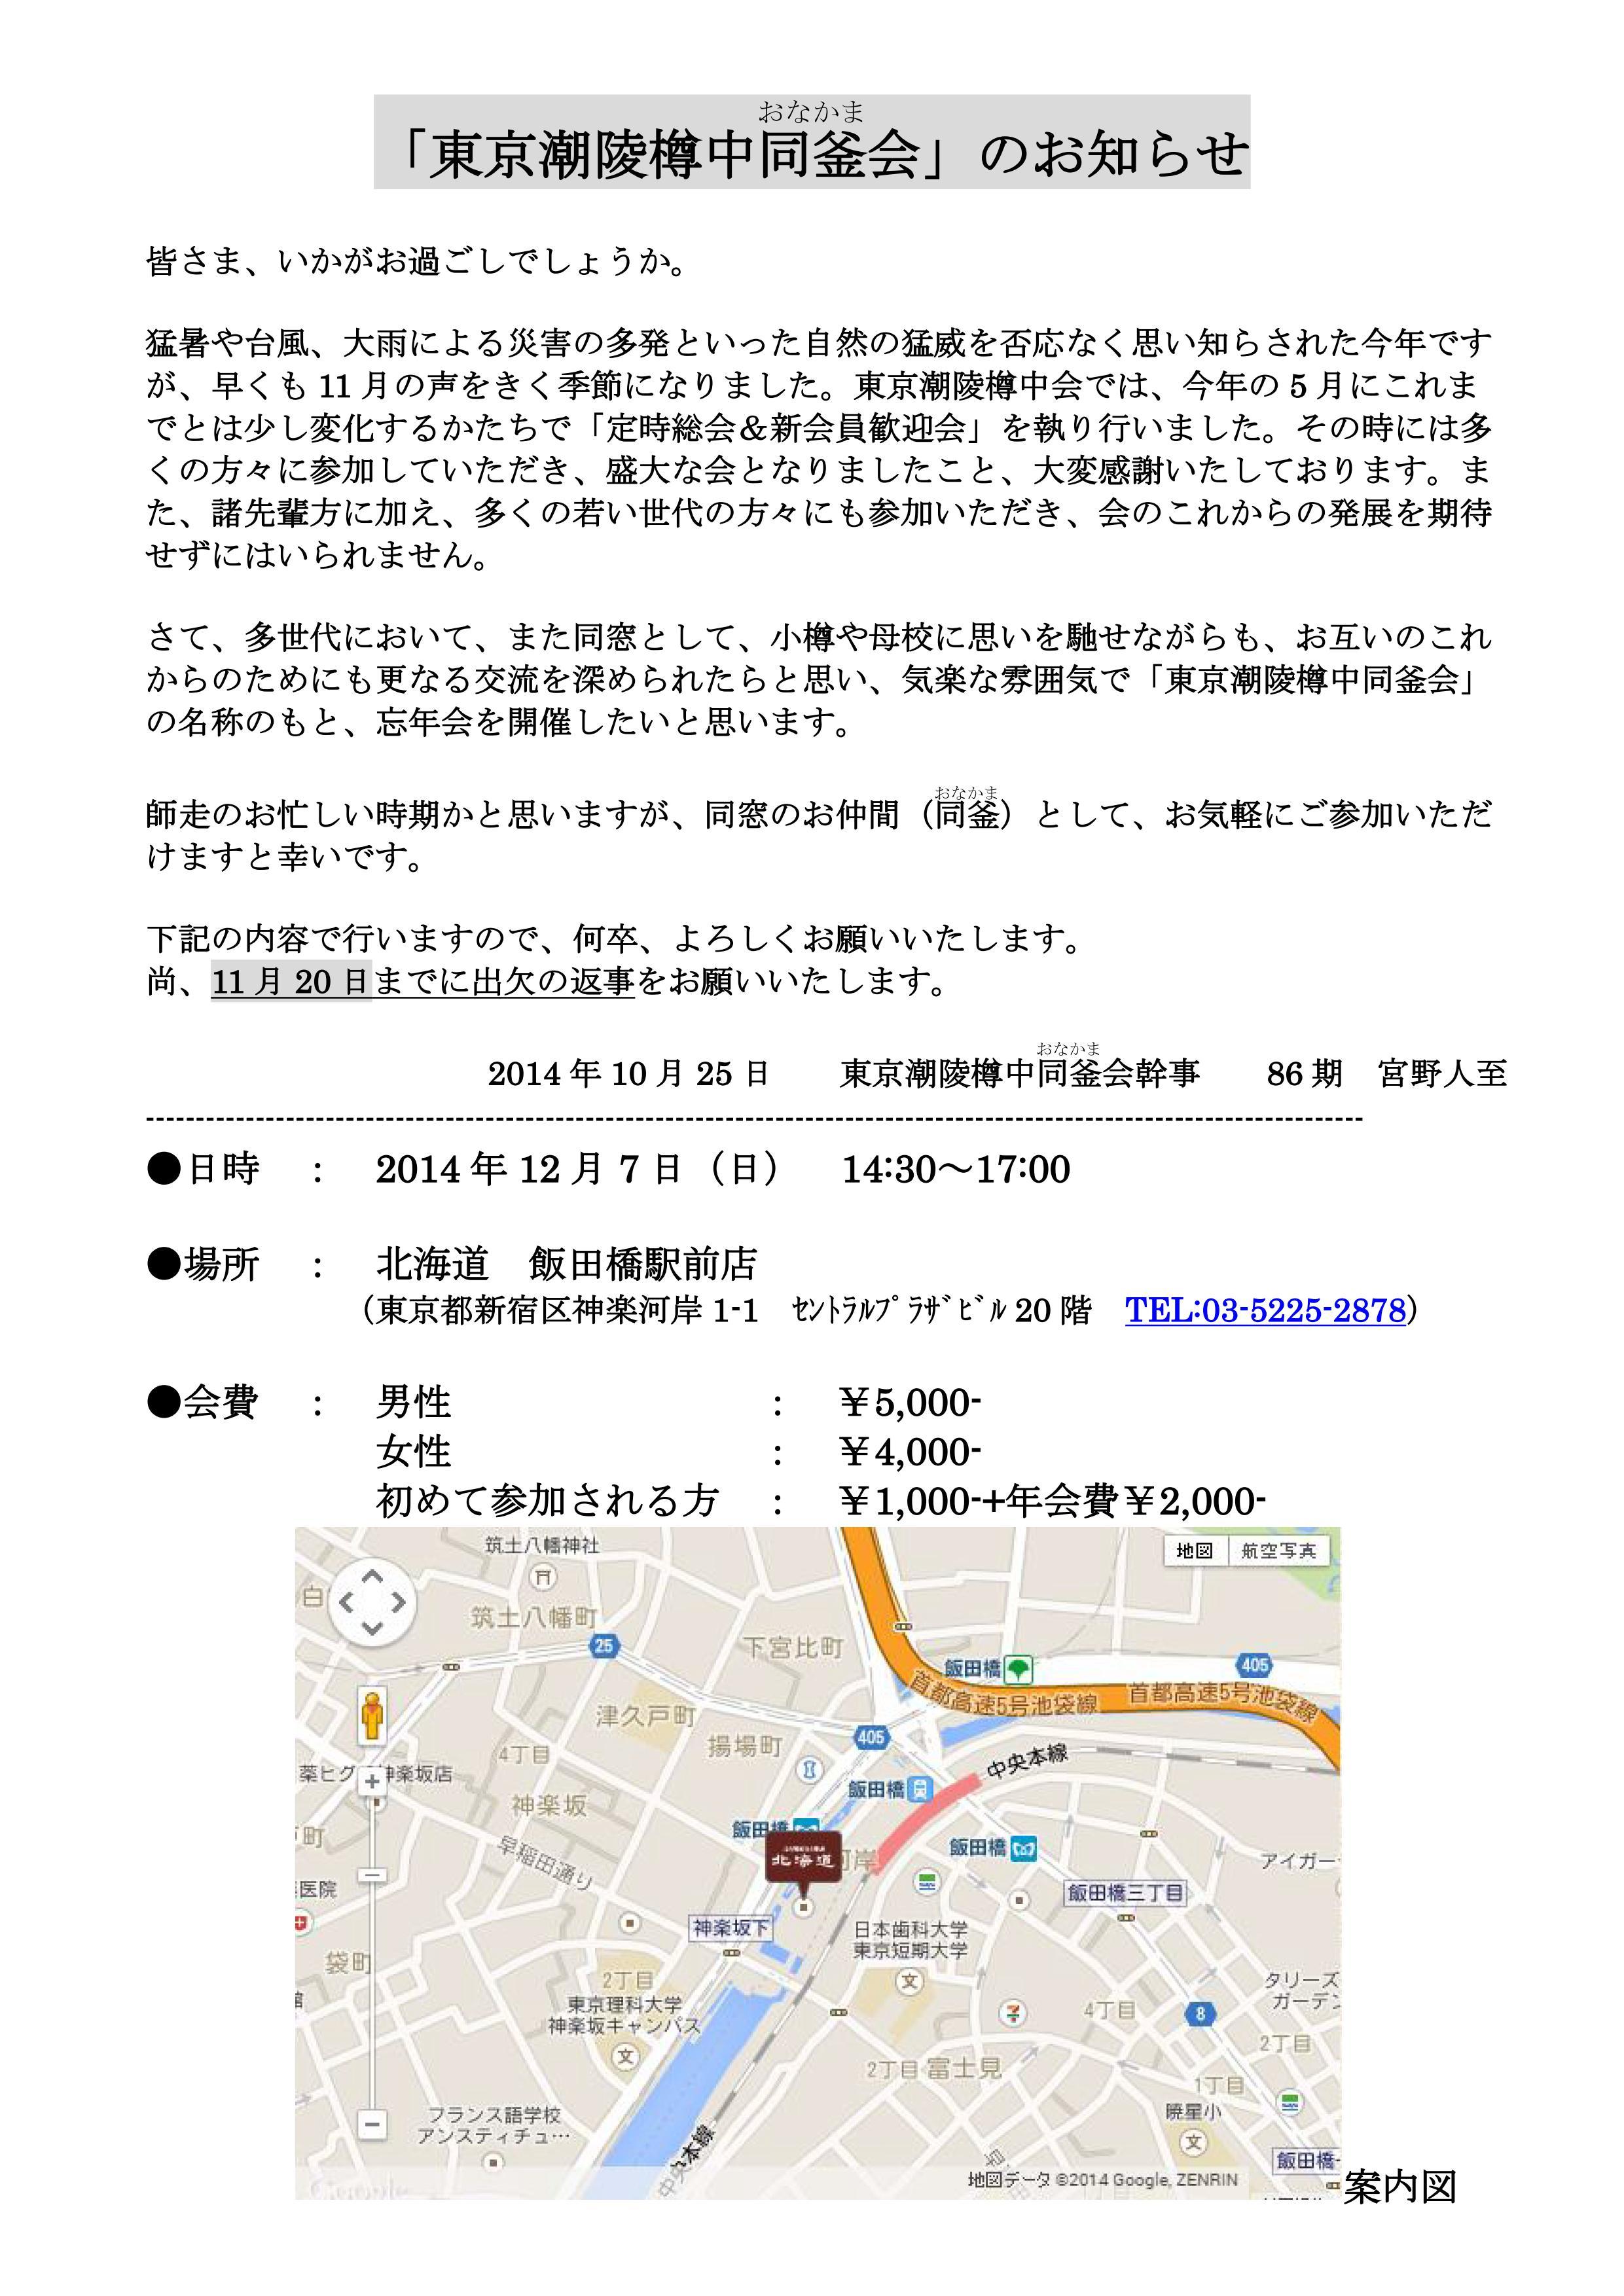 東京潮陵樽中会同釜会2014_12